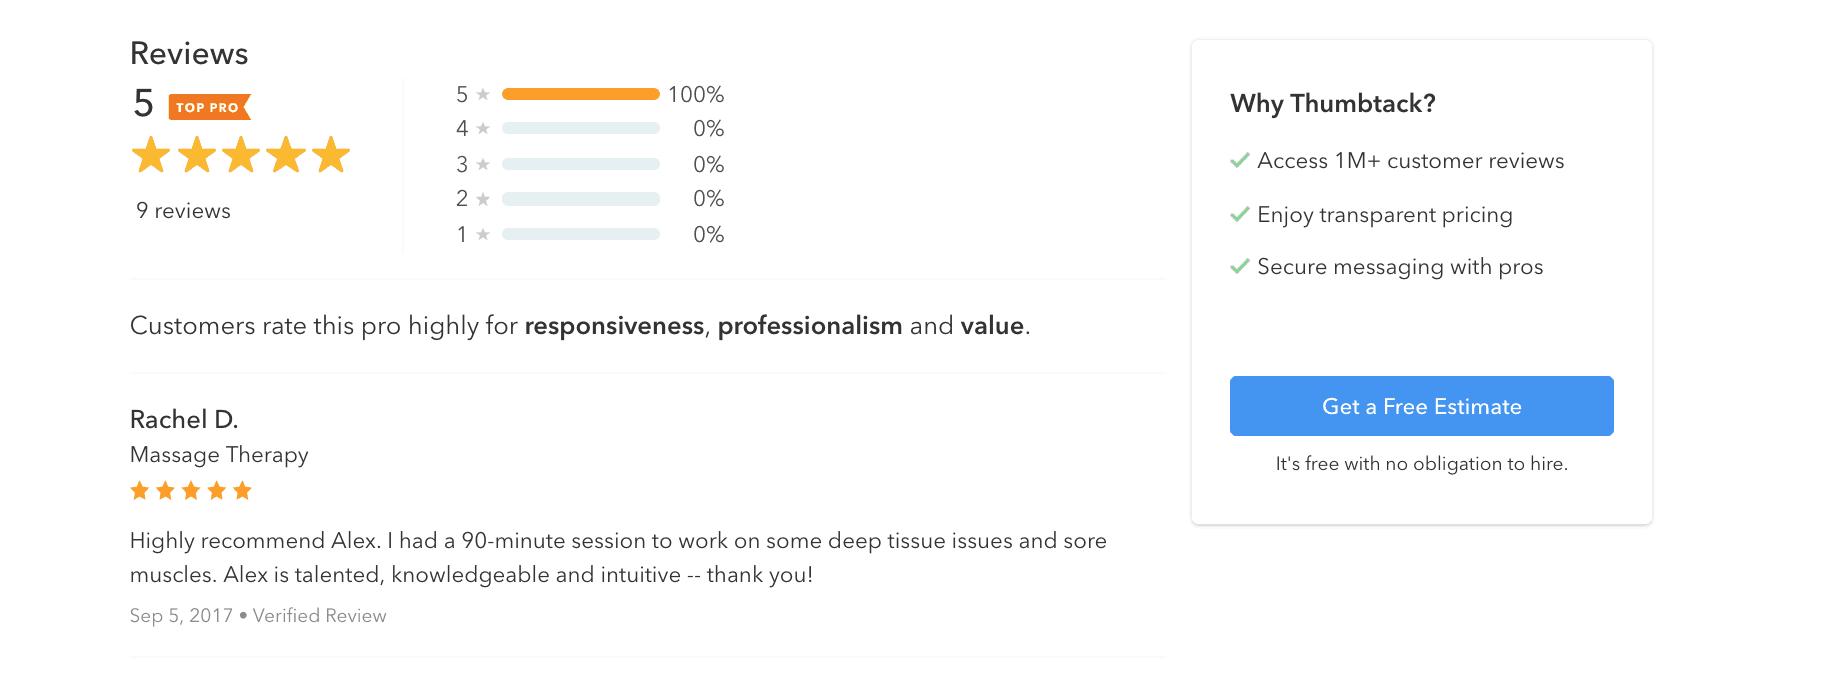 Thumbtack review screen